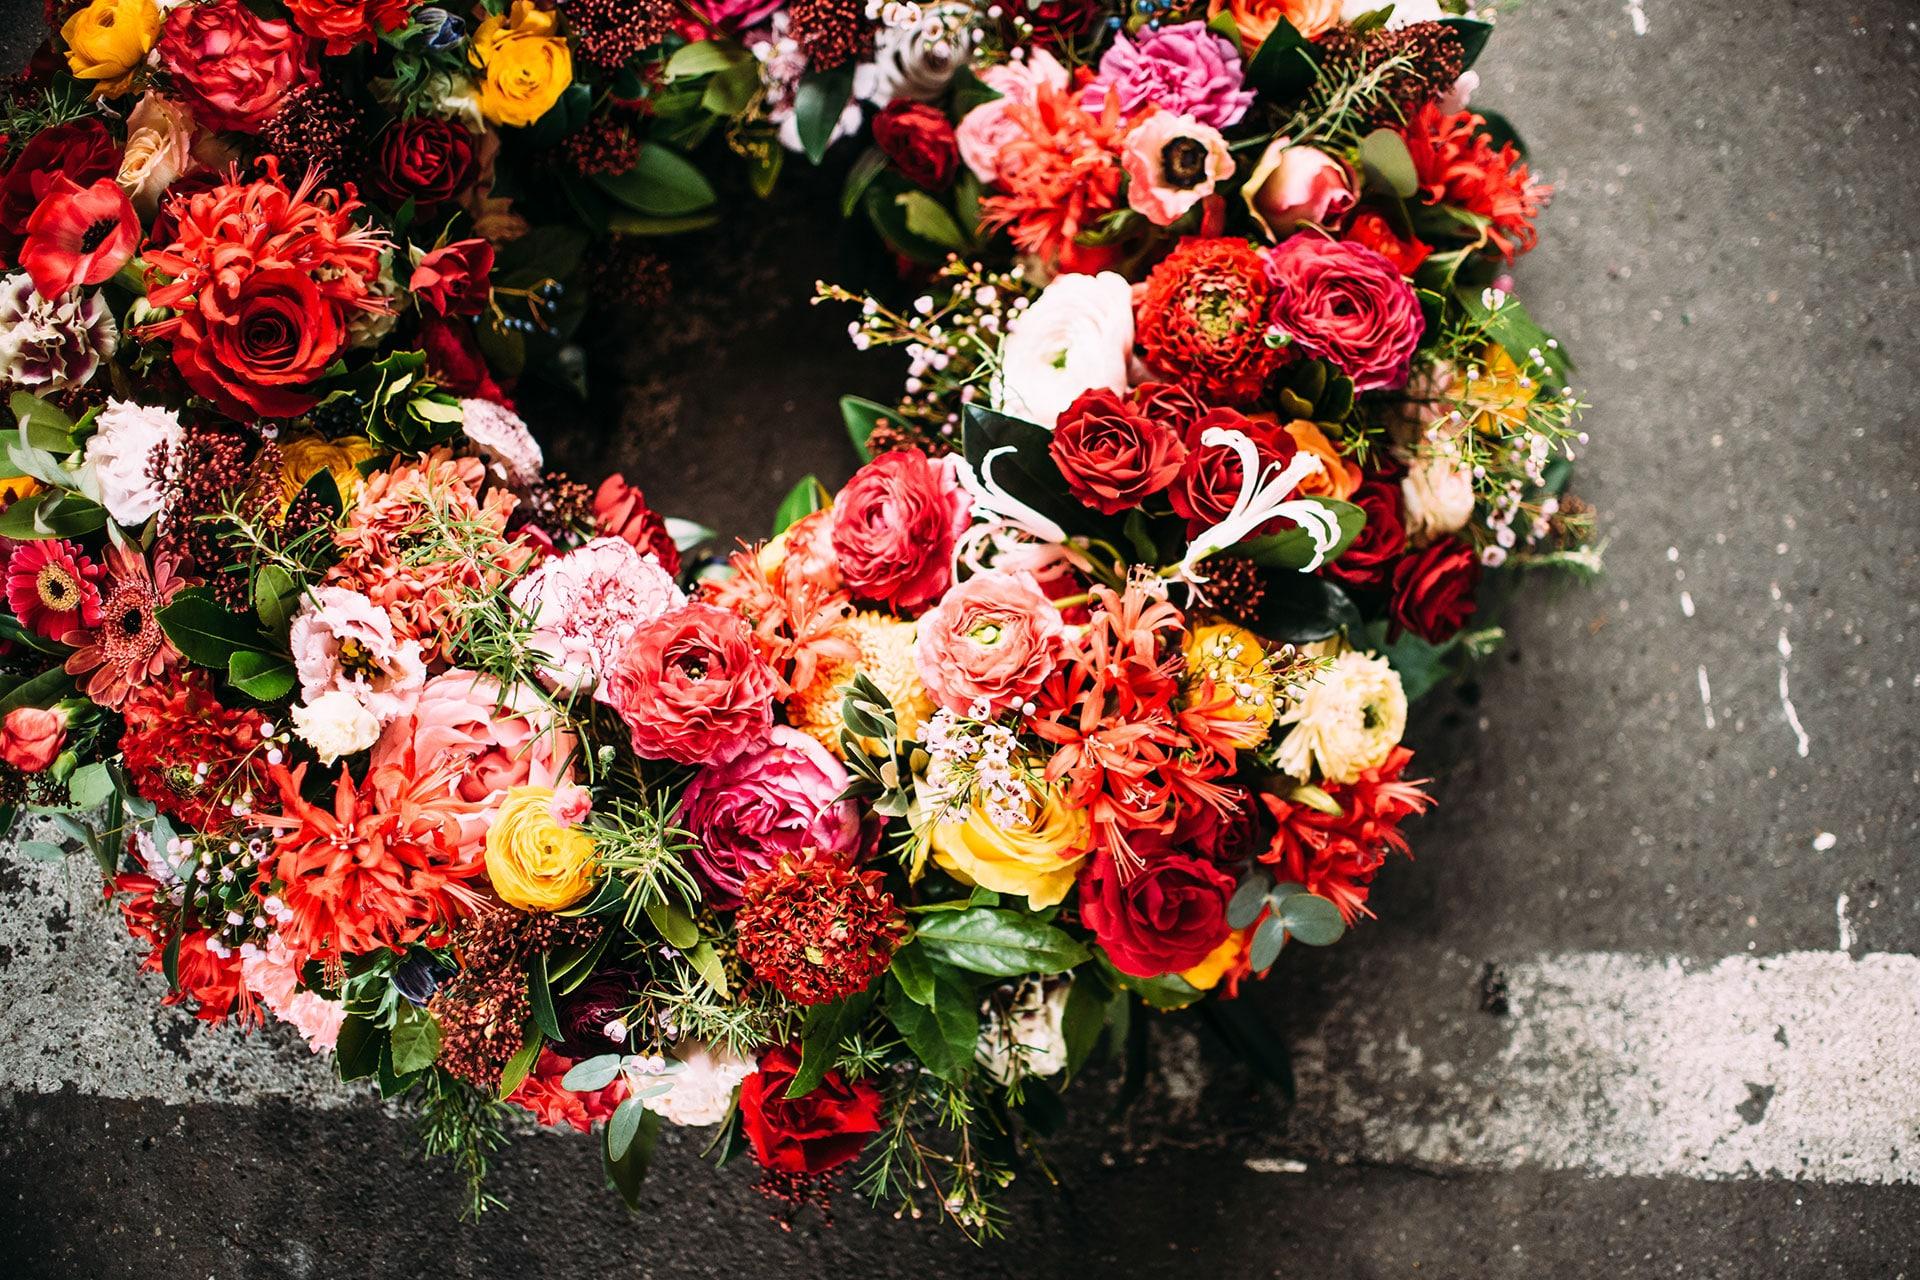 Stilvolle Trauerfloristik – Trauerkränze und Kondolenzsträuße